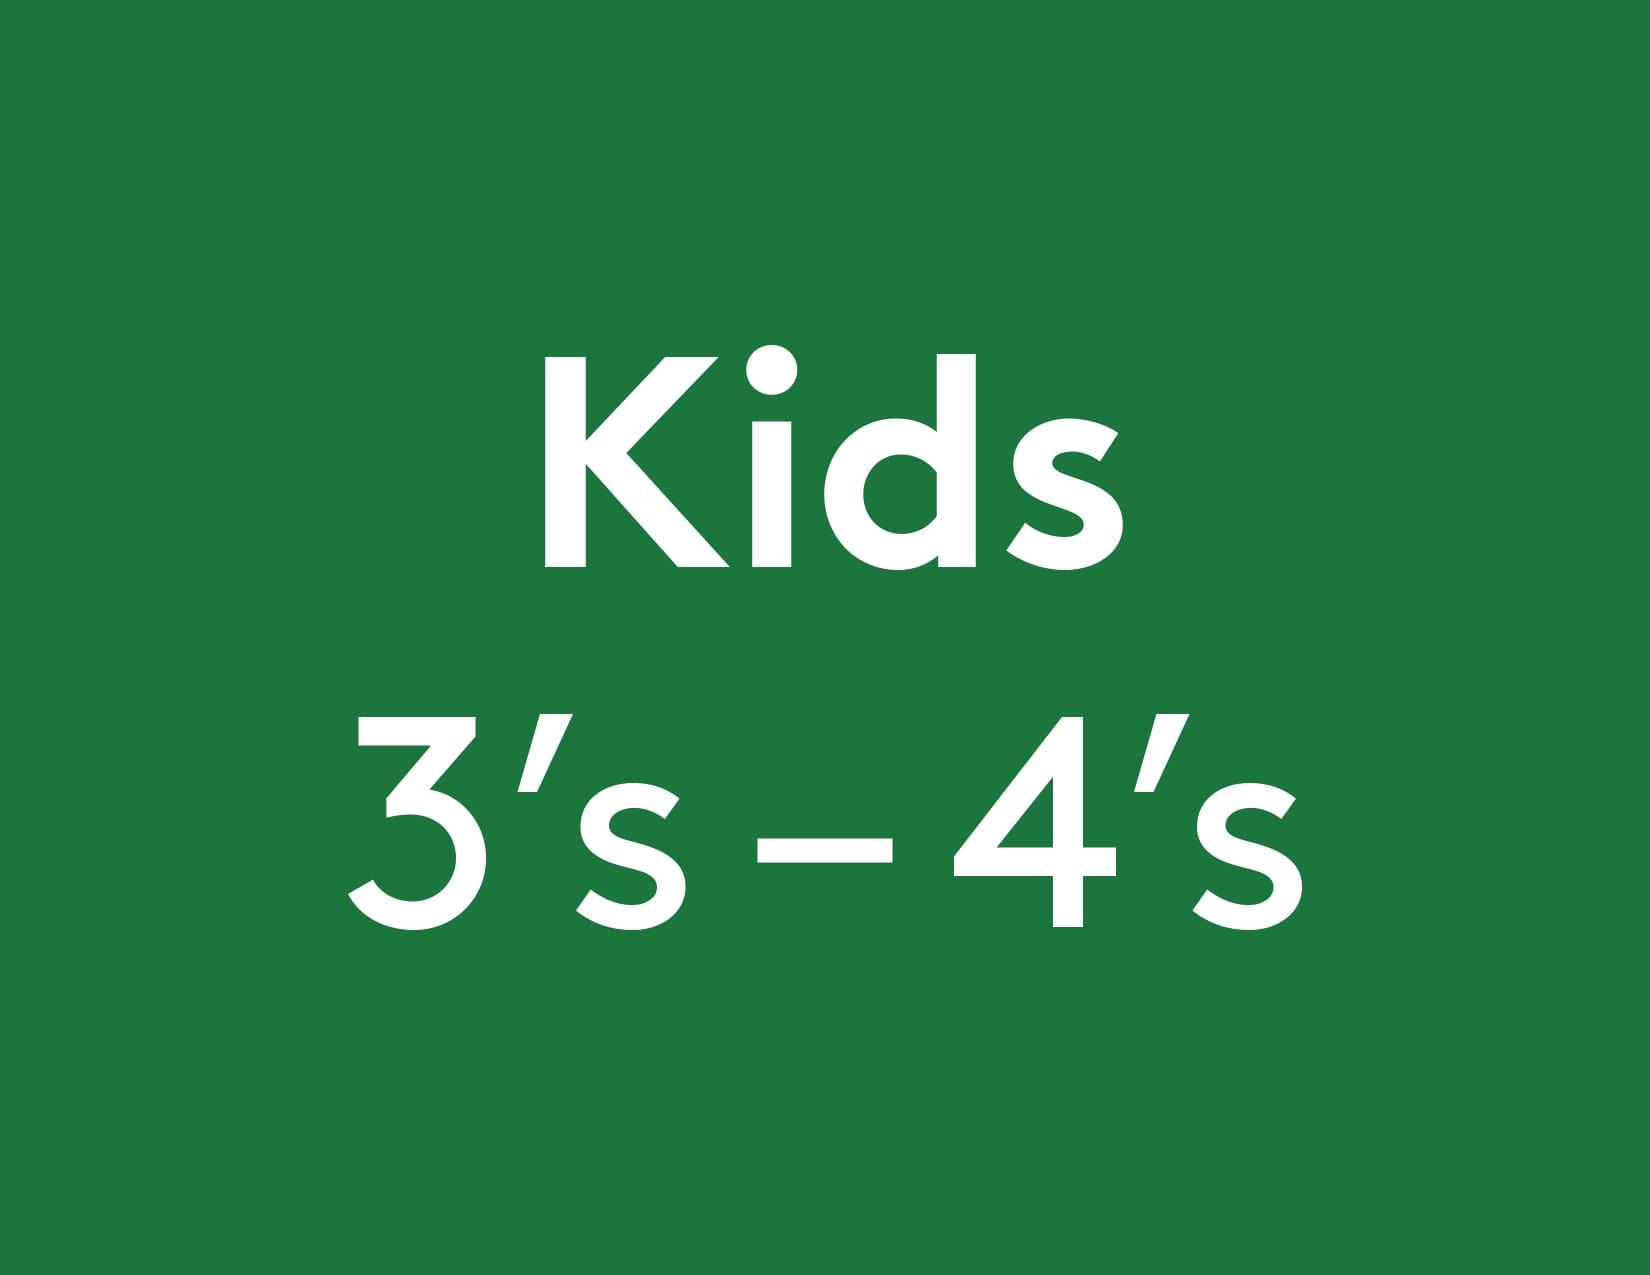 3s-4s 10f.jpg